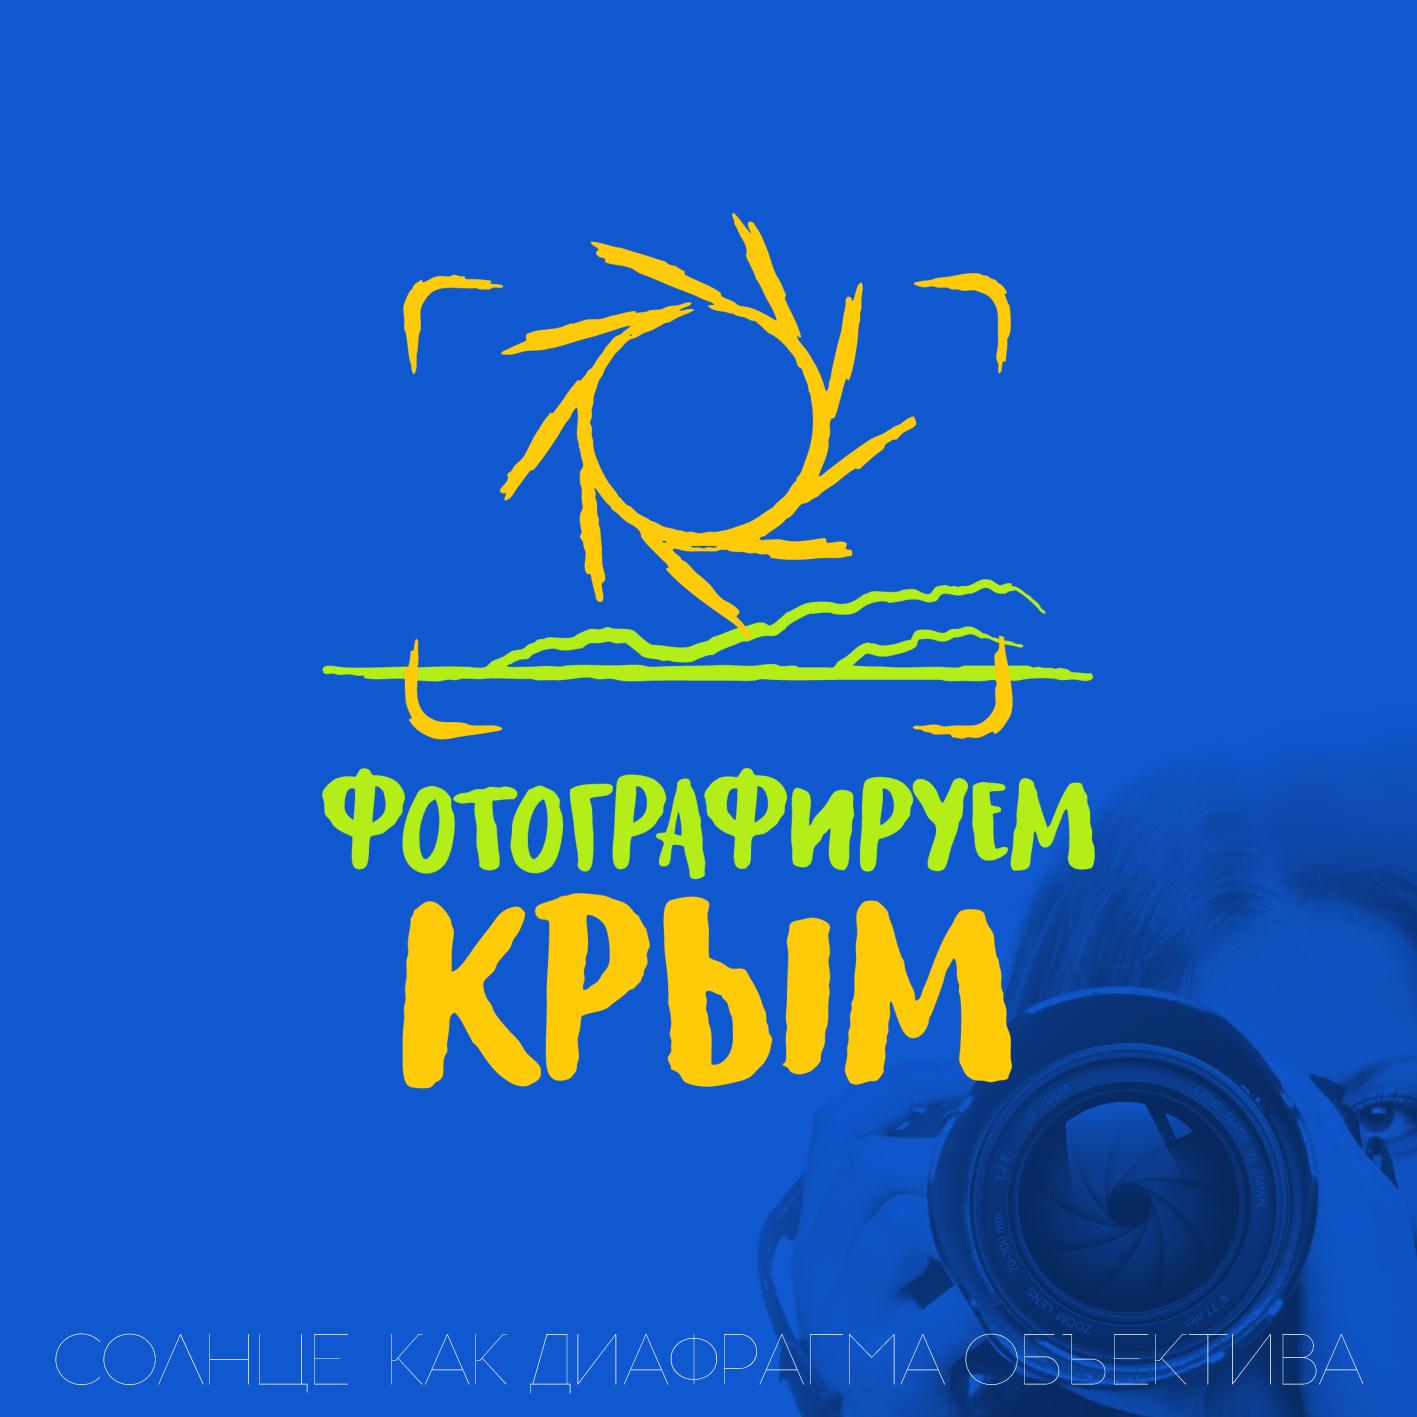 ЛОГОТИП + фирменный стиль фотоконкурса ФОТОГРАФИРУЕМ КРЫМ фото f_4275c03c7ef063ab.png